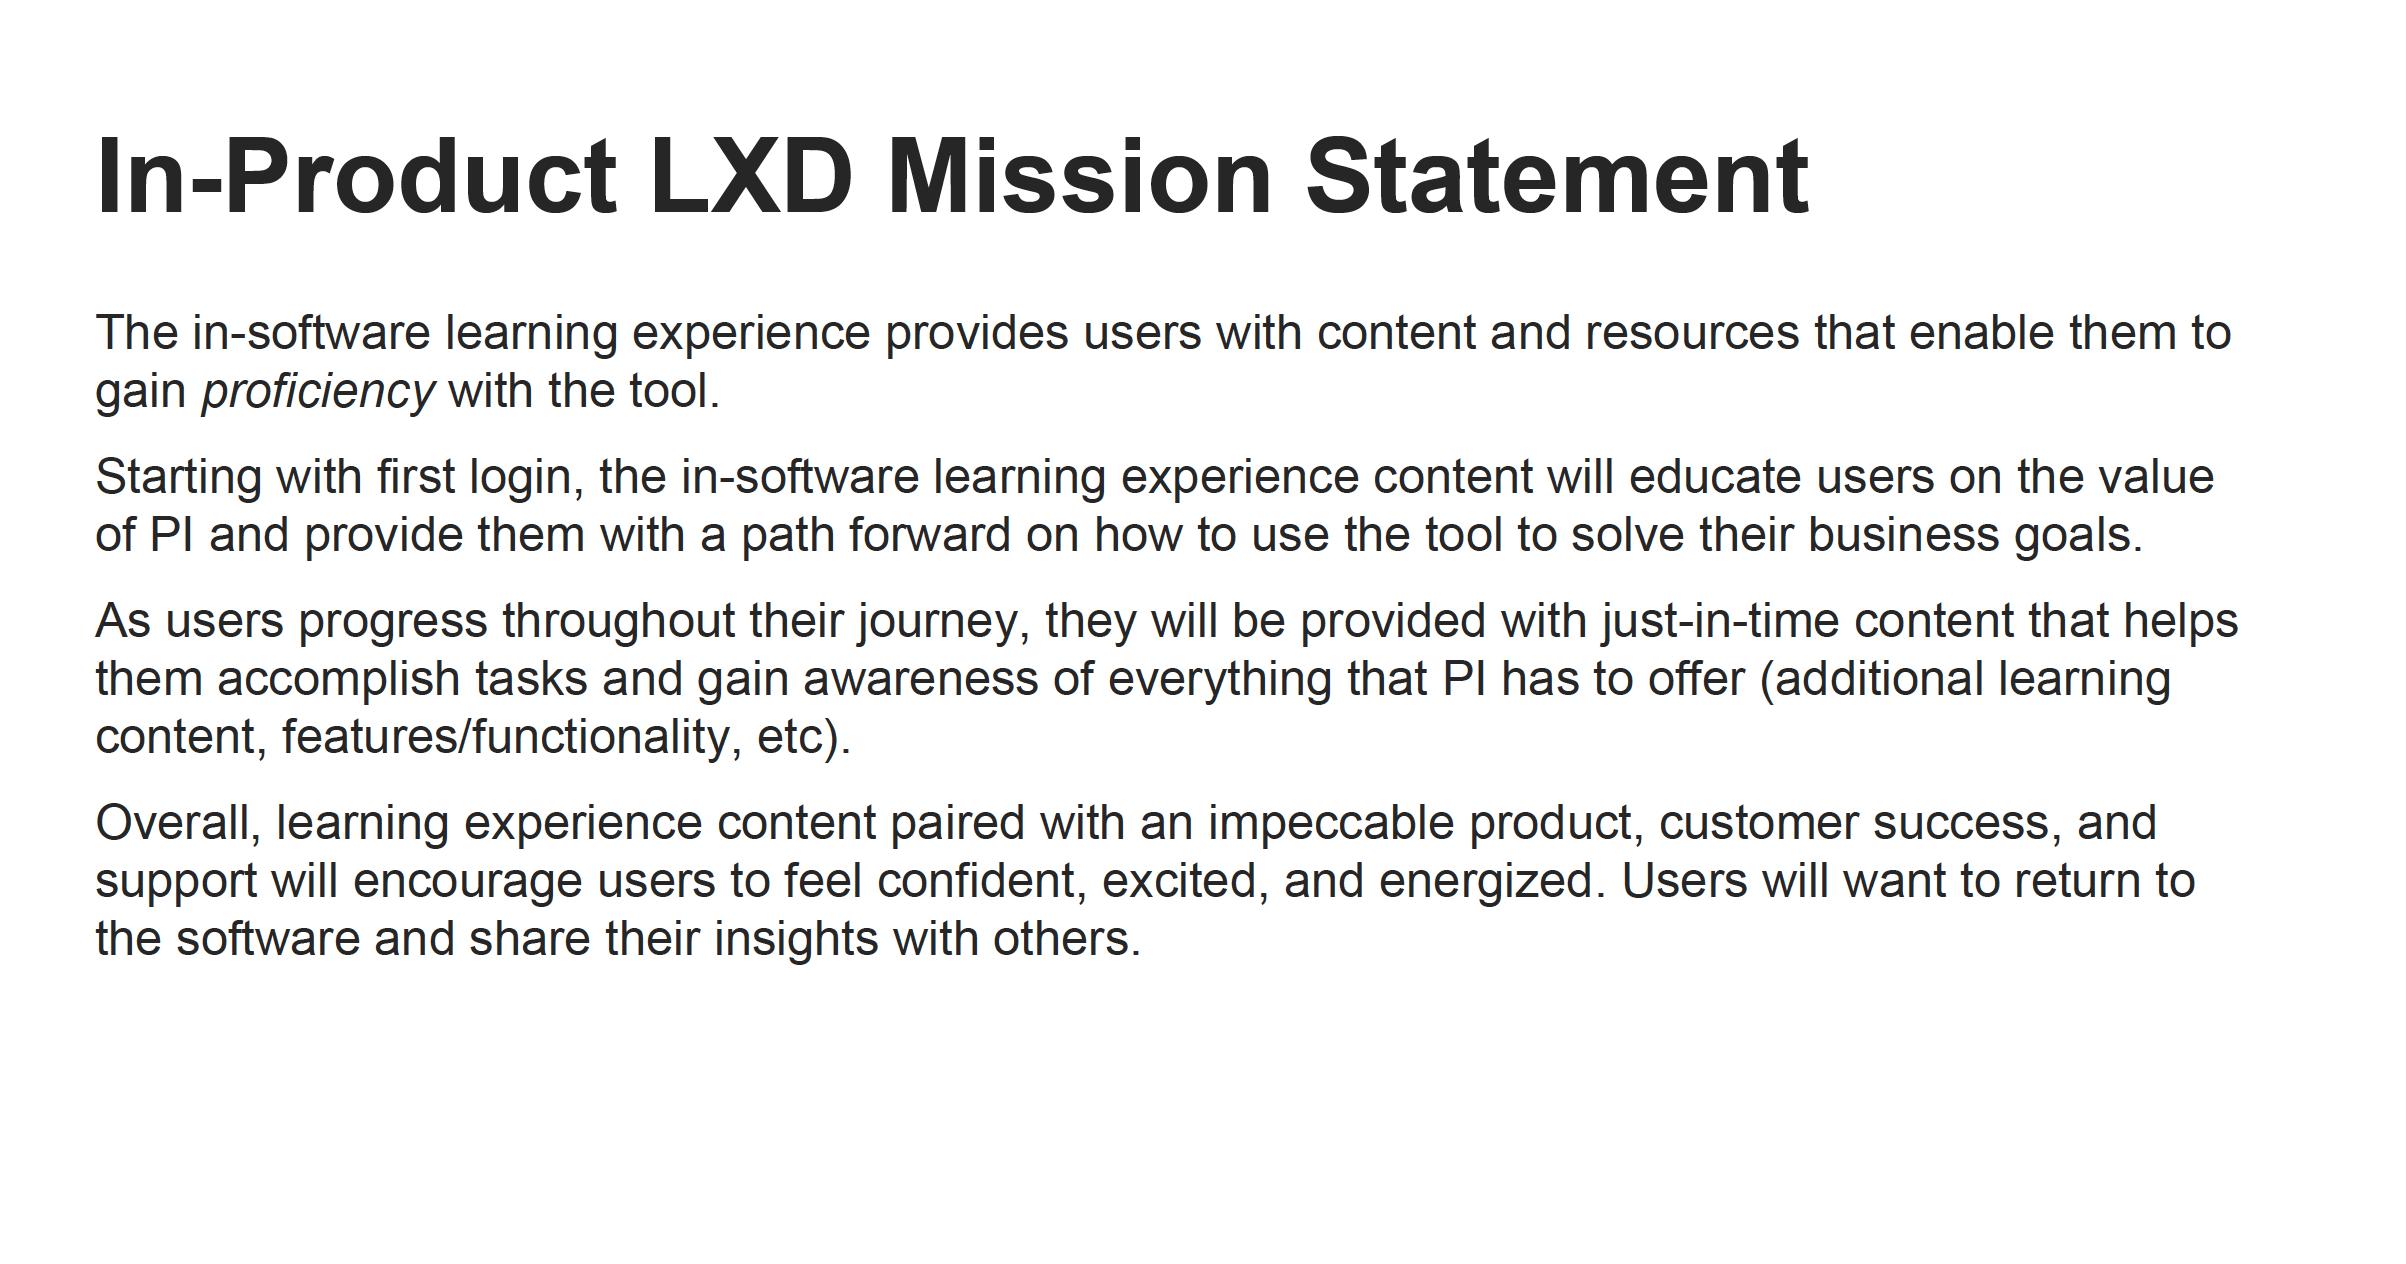 LXD_MissionStatement